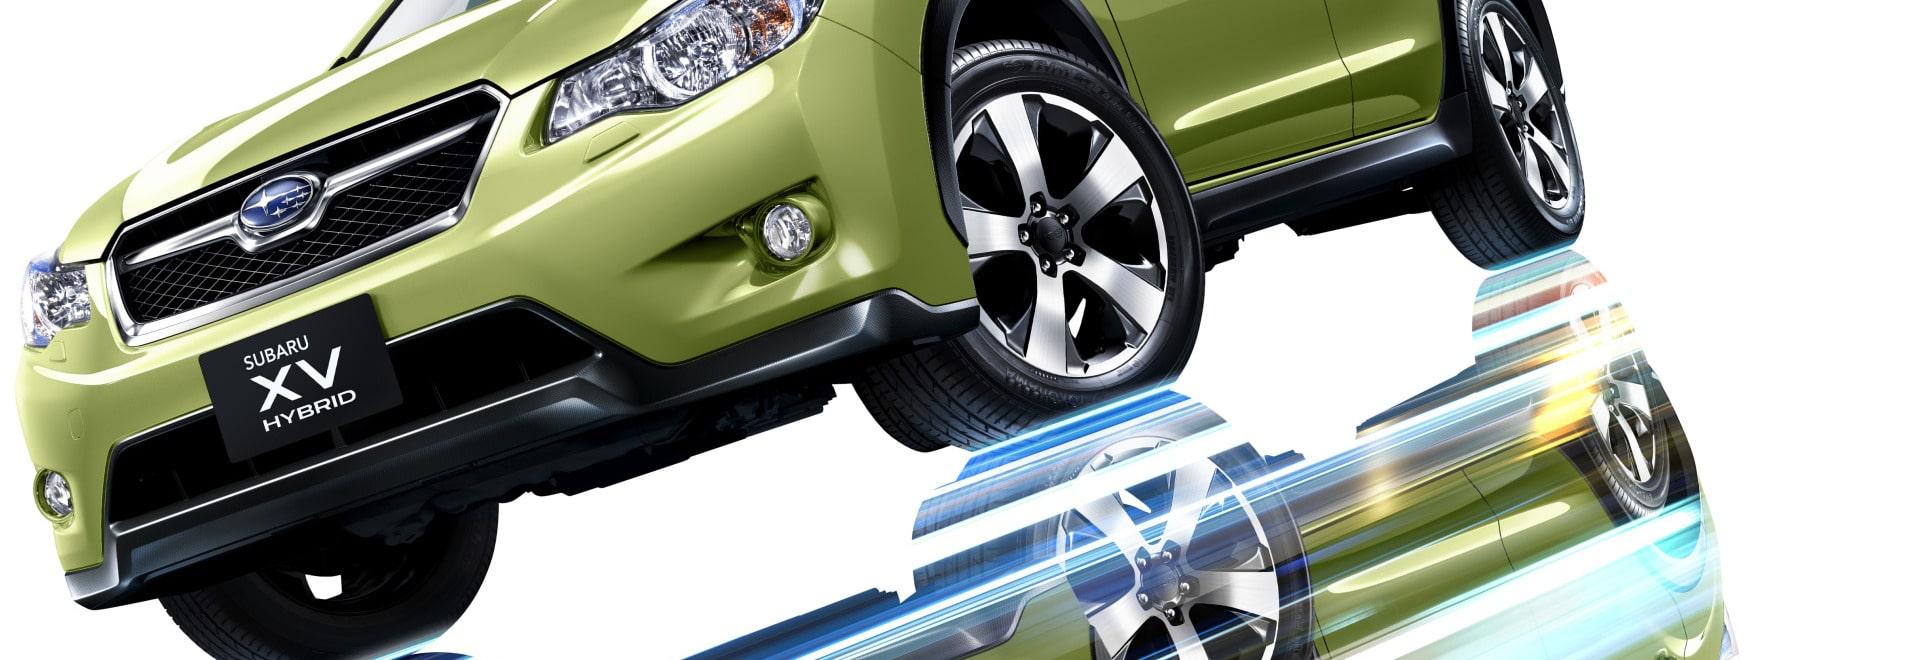 Prueba híbrida de avance del vehículo de Subaru con la simulación del Hardware-en--Lazo